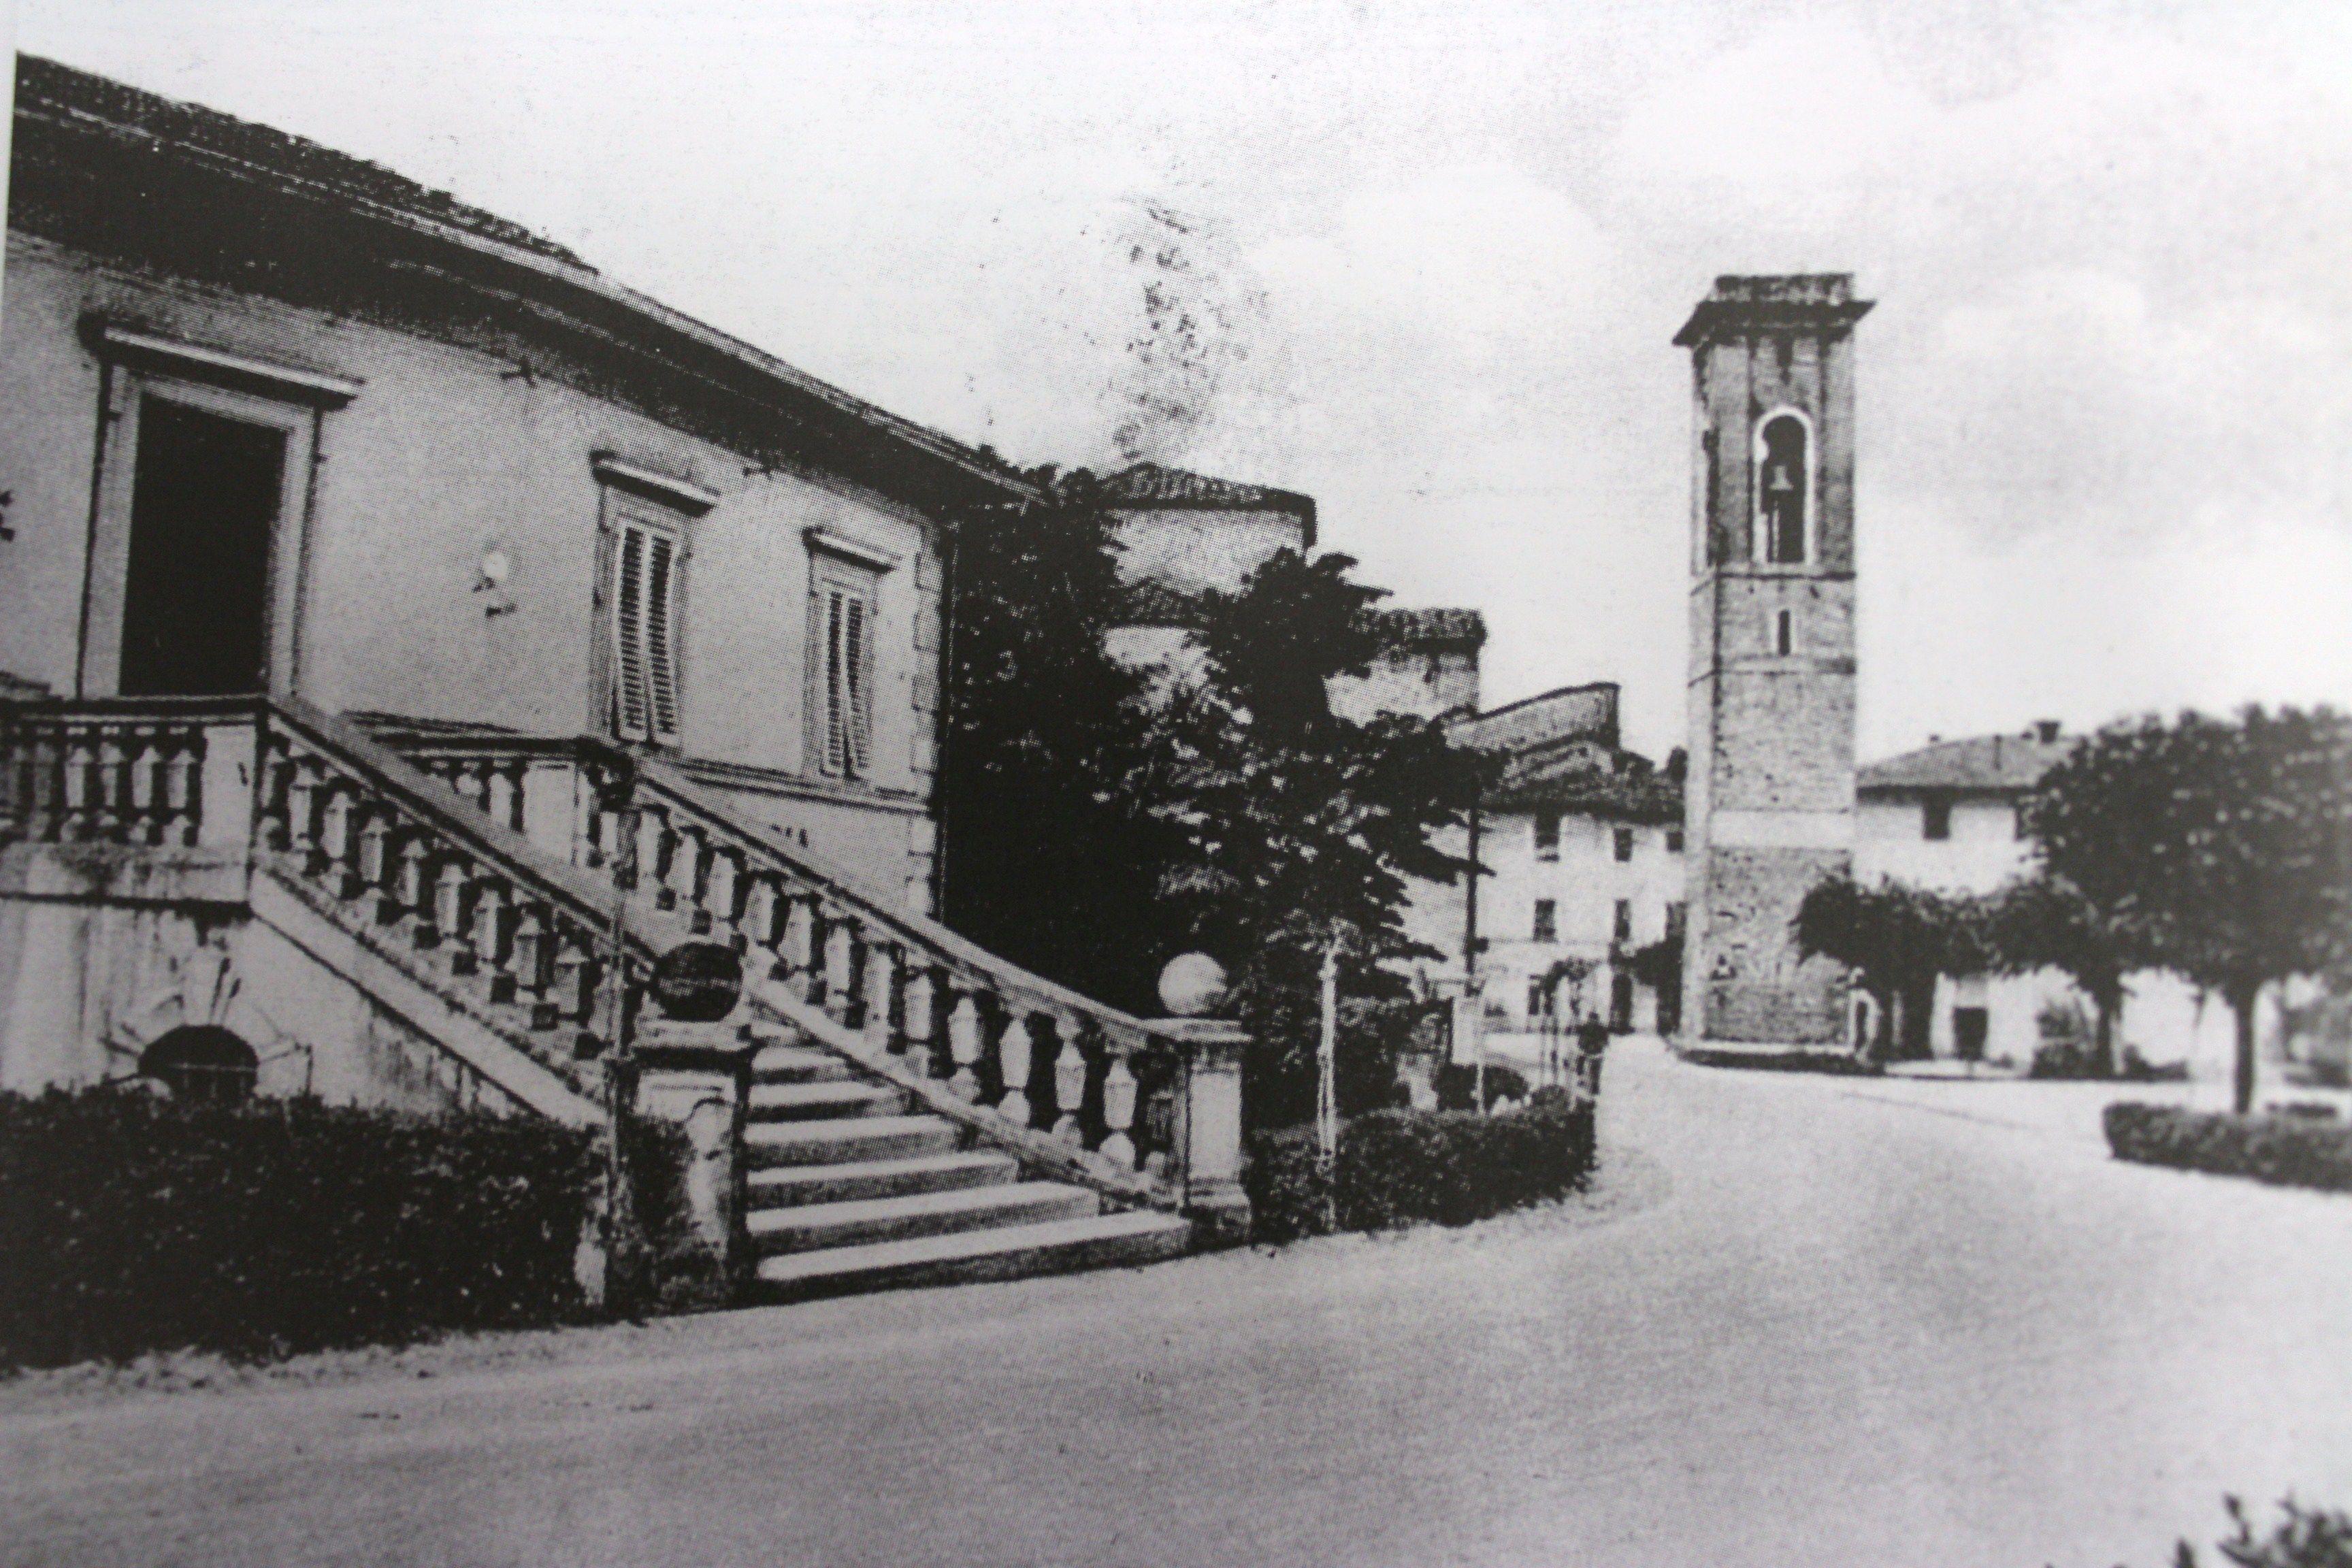 Via Italo Spadoni. In primo piano, sulla sinistra, la vecchia sede della Cassa di Risparmio di Pistoia e Pescia - 1945.